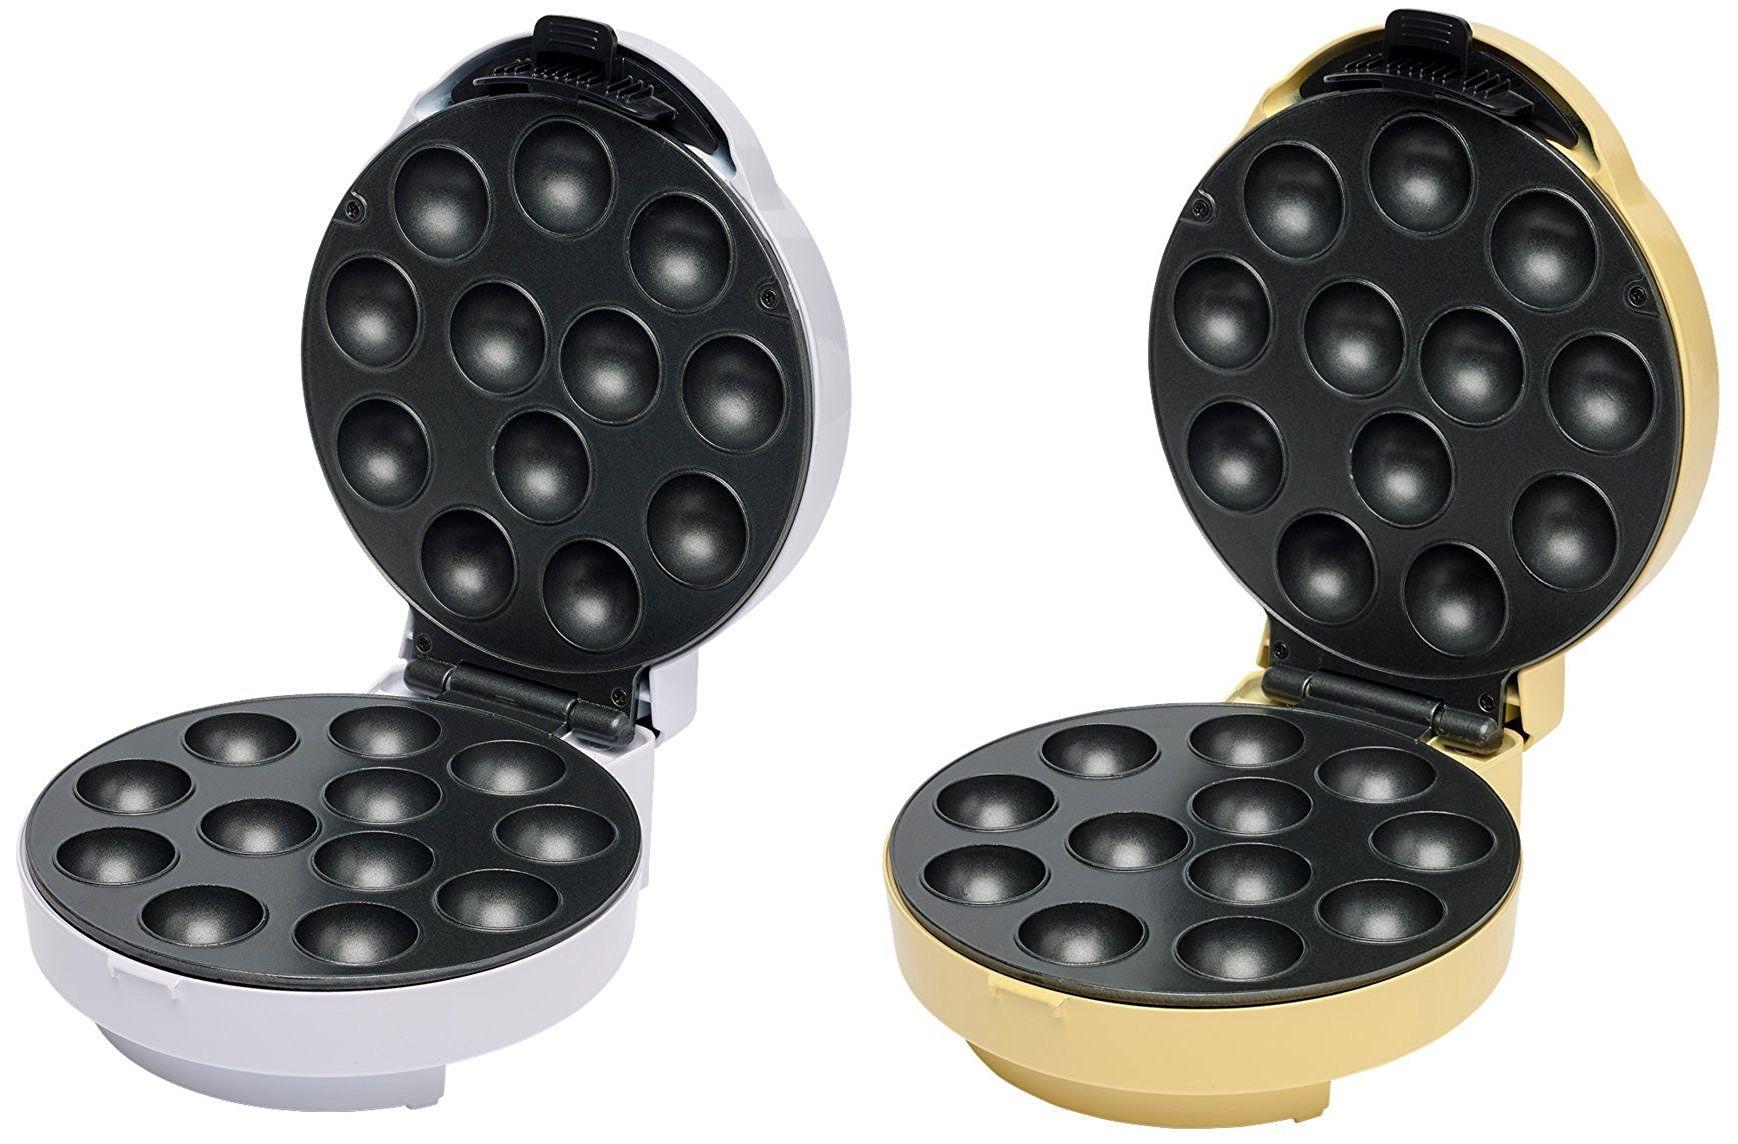 """Medion™ - Popcake-Maker """"MD 15346"""" (750 Watt,2 Farbvarianten) ab €8,98 [@Medion.de]"""